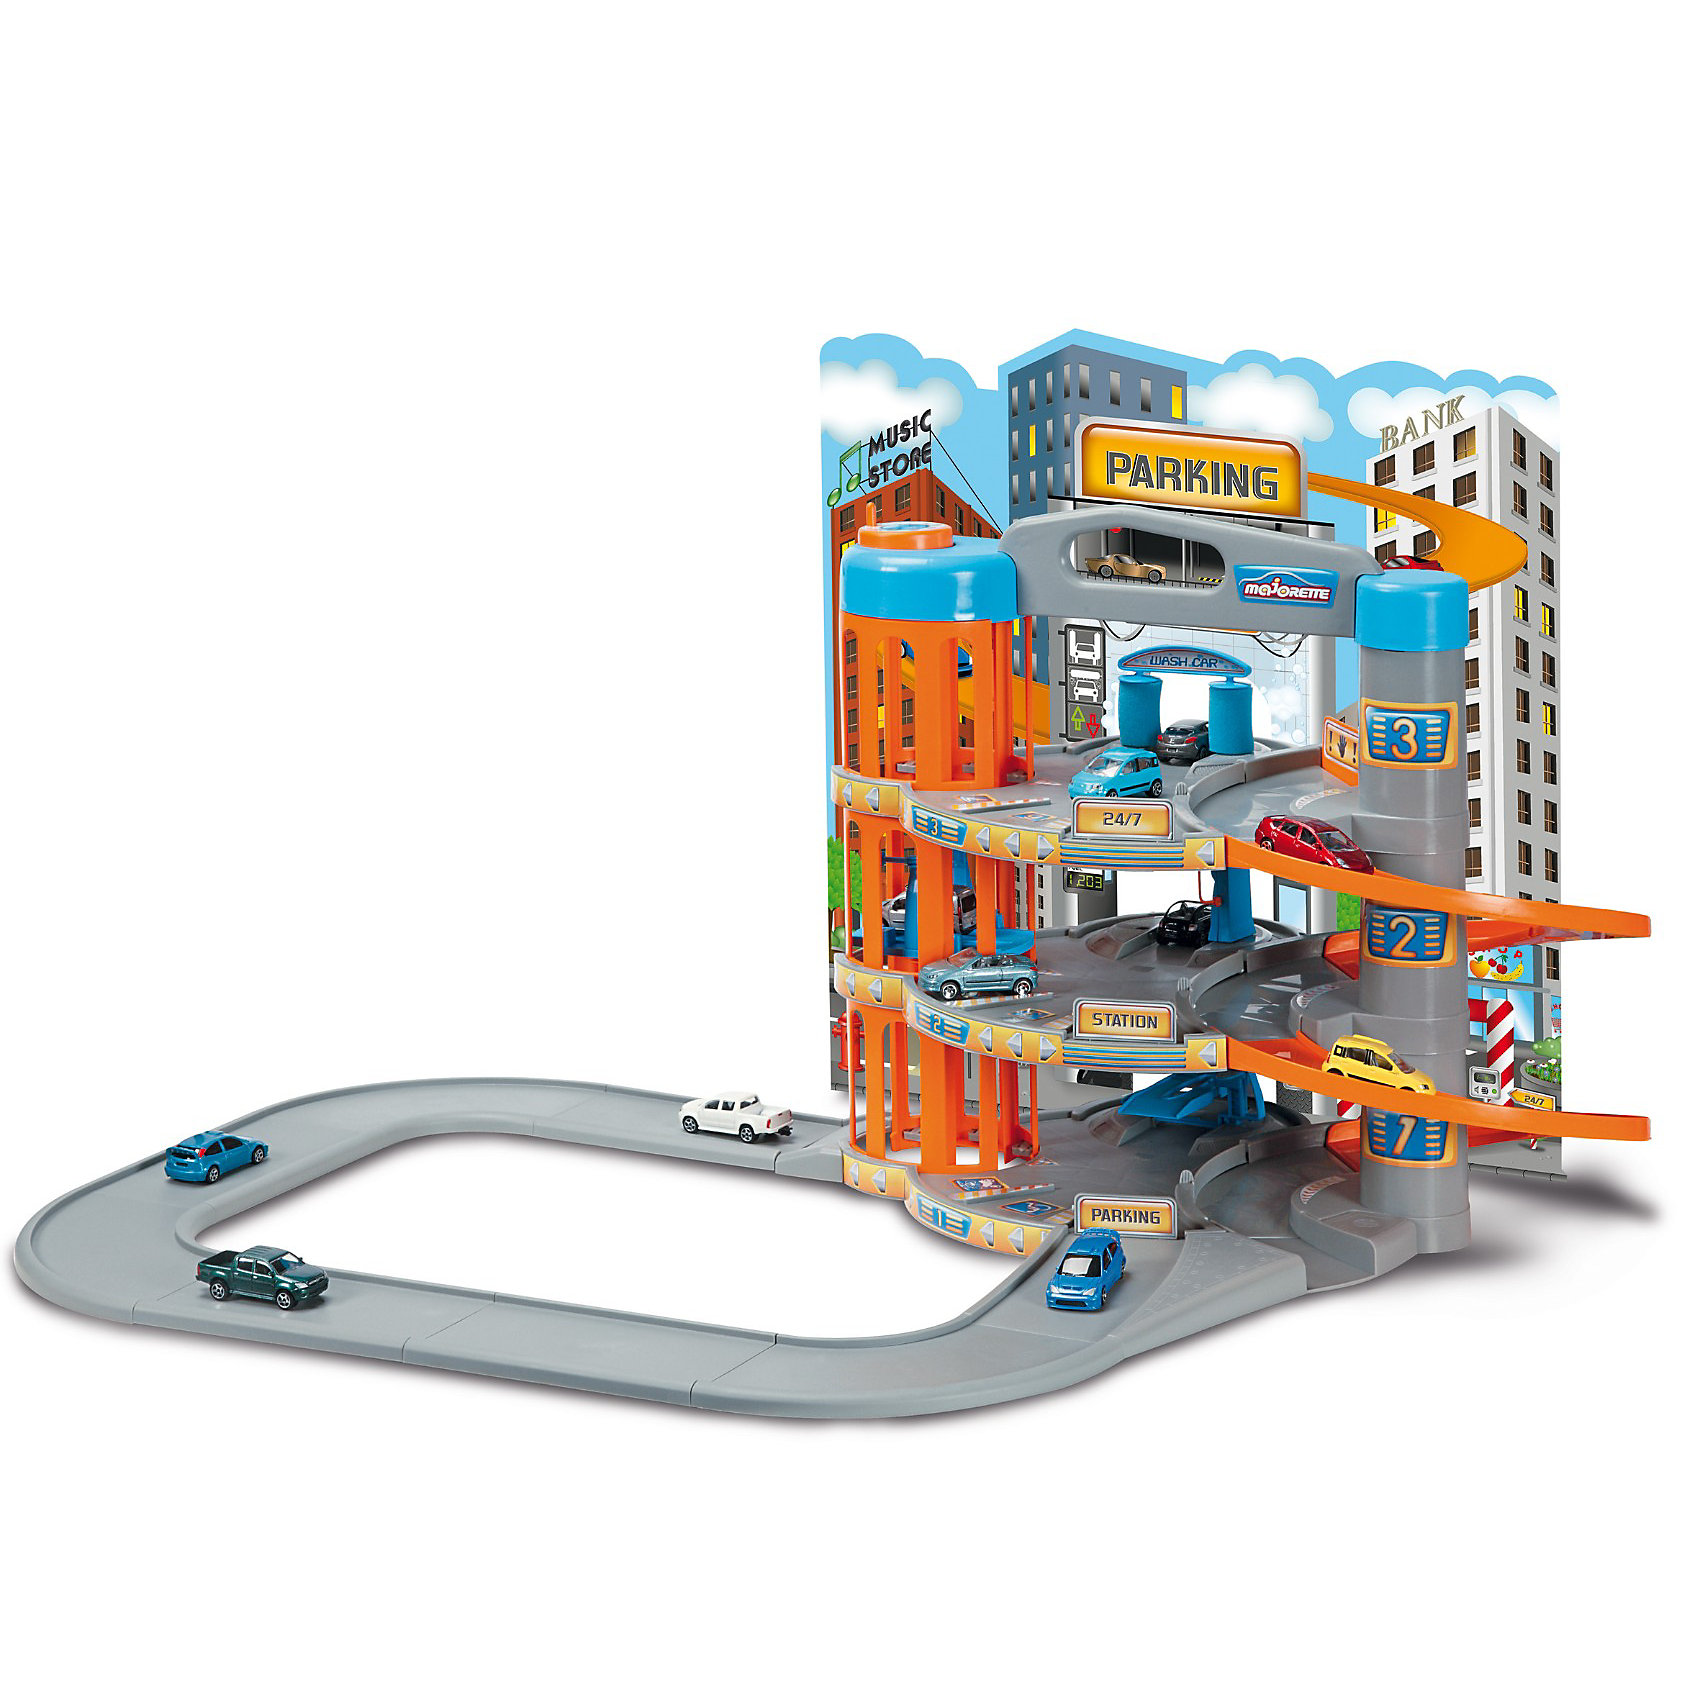 Парковка с 5 машинками, MajoretteХарактеристики:<br><br>• количество машинок в наборе: 5 шт.;<br>• размер машинки: 5-7 см;<br>• размер парковки в собранном виде + полотно автодороги: 92х62,5х45 см;<br>• материал: металл, пластик;<br>• размер упаковки: 70х13х5 см;<br>• вес: 3,22 кг.<br><br>Полноценная габаритная парковка с автозаправной станцией, мойкой машин, службой технической поддержки предназначена для долговременной игры с машинками. Парковка в три этажа с примыкающей к ней дорогой в собранном виде достигает внушительных размеров. Машинки с открывающимся капотом могут пройти диагностику и получить консультацию от квалифицированного работника СТО. Простор фантазии, развитие сюжетных линий, целый арсенал вспомогательных функций – игровой набор Majorette надолго завладеет вниманием ребенка.<br><br>Парковку с 5 машинками, Majorette можно купить в нашем магазине.<br><br>Ширина мм: 705<br>Глубина мм: 493<br>Высота мм: 135<br>Вес г: 2800<br>Возраст от месяцев: 36<br>Возраст до месяцев: 84<br>Пол: Мужской<br>Возраст: Детский<br>SKU: 2517844